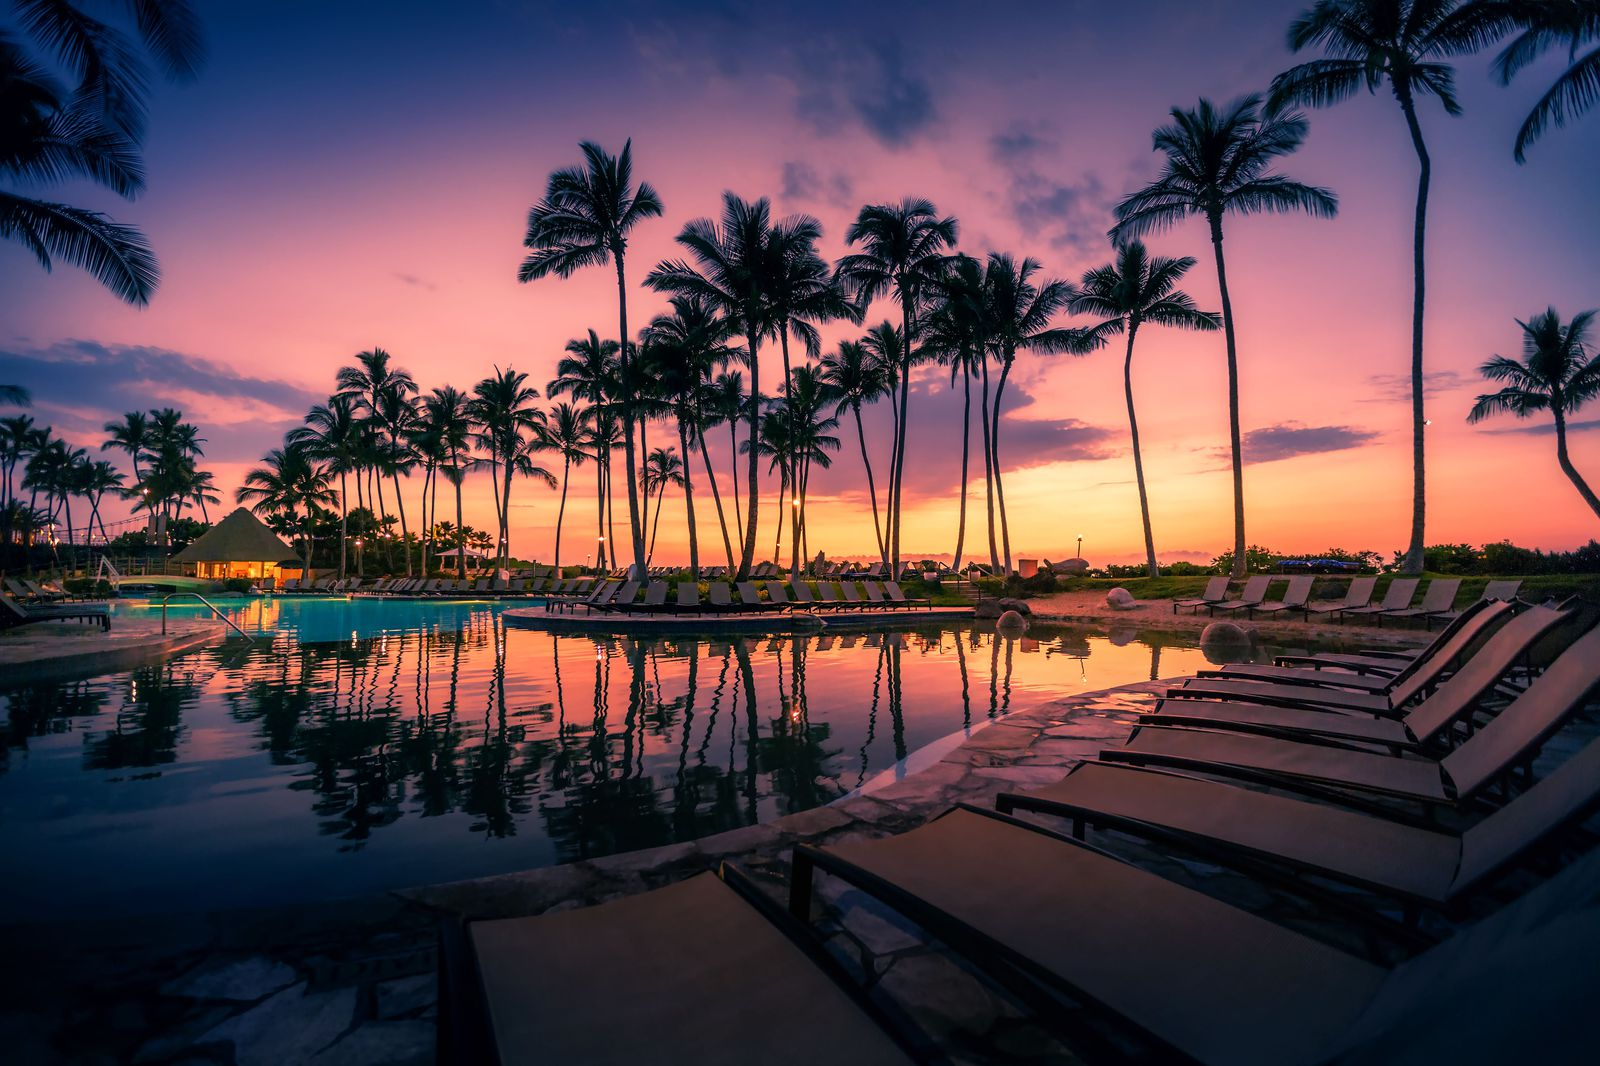 ハワイ島の航空券も当たる!リゾート派注目の「ハワイ島」3泊5日癒しの旅プラン